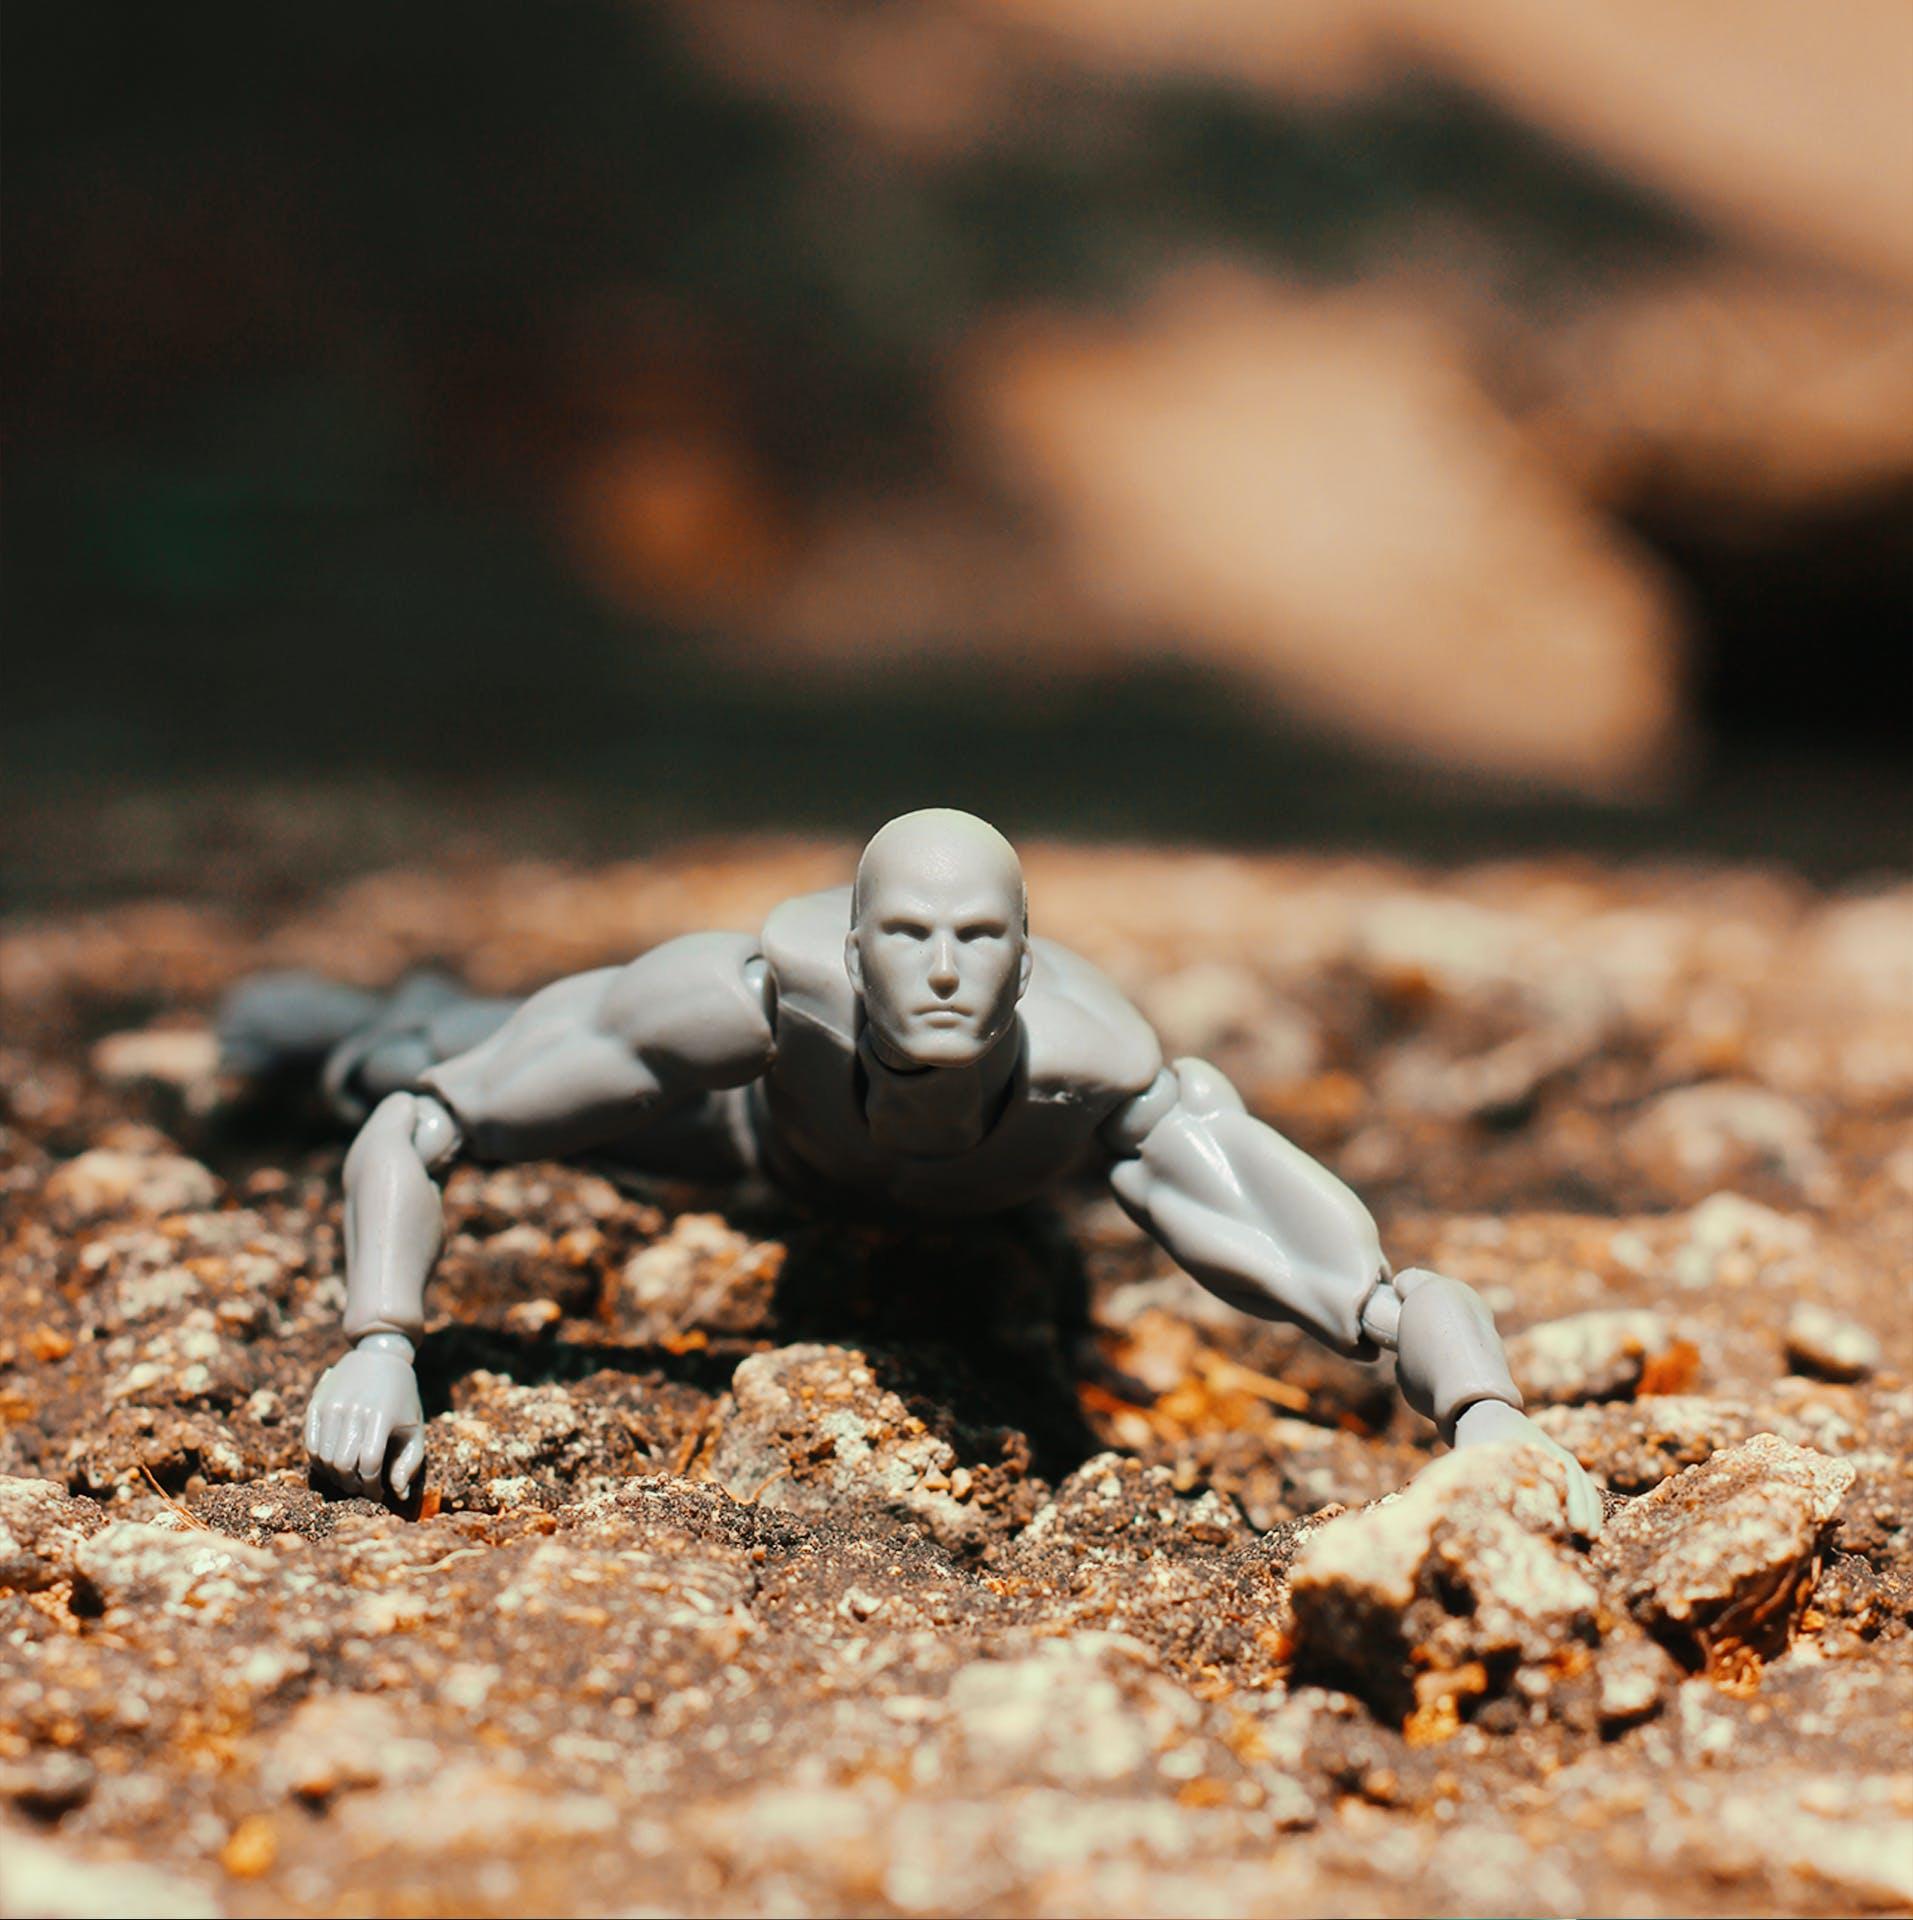 Δωρεάν στοκ φωτογραφιών με body kun, βράχια, μικρογραφία, μικροσκοπικό παιχνίδι